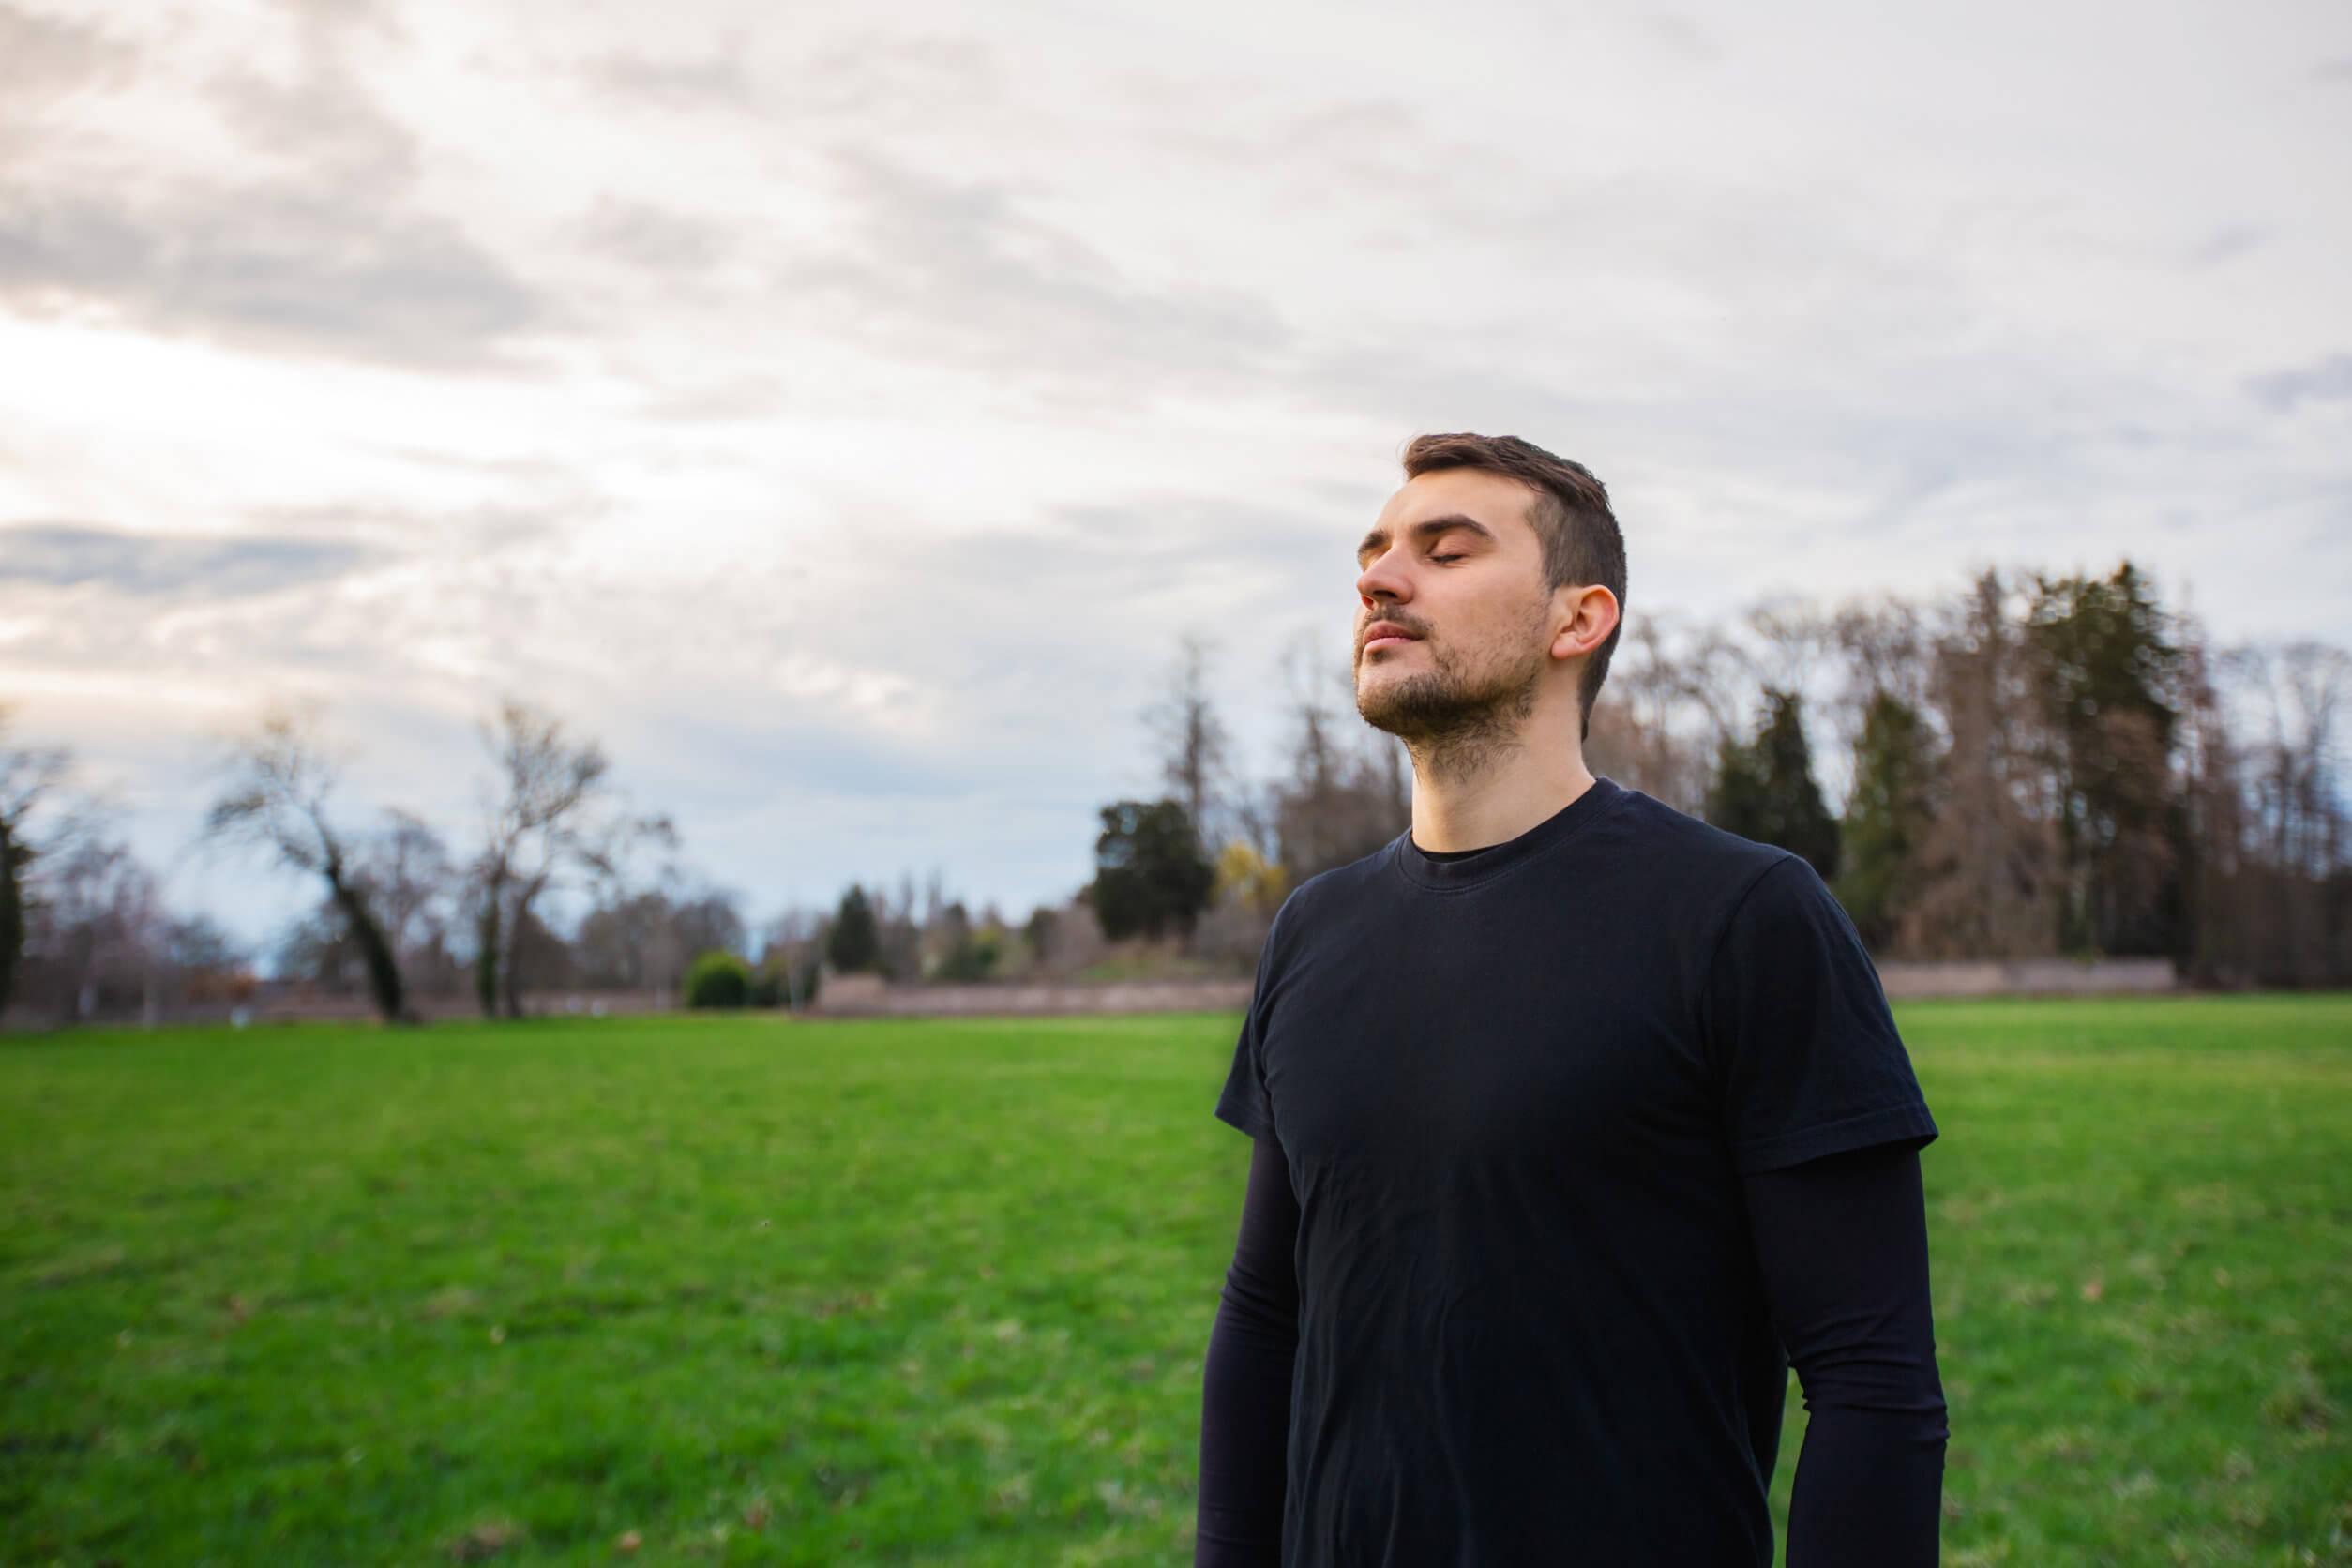 Respiración profunda para regular el estrés y la ansiedad